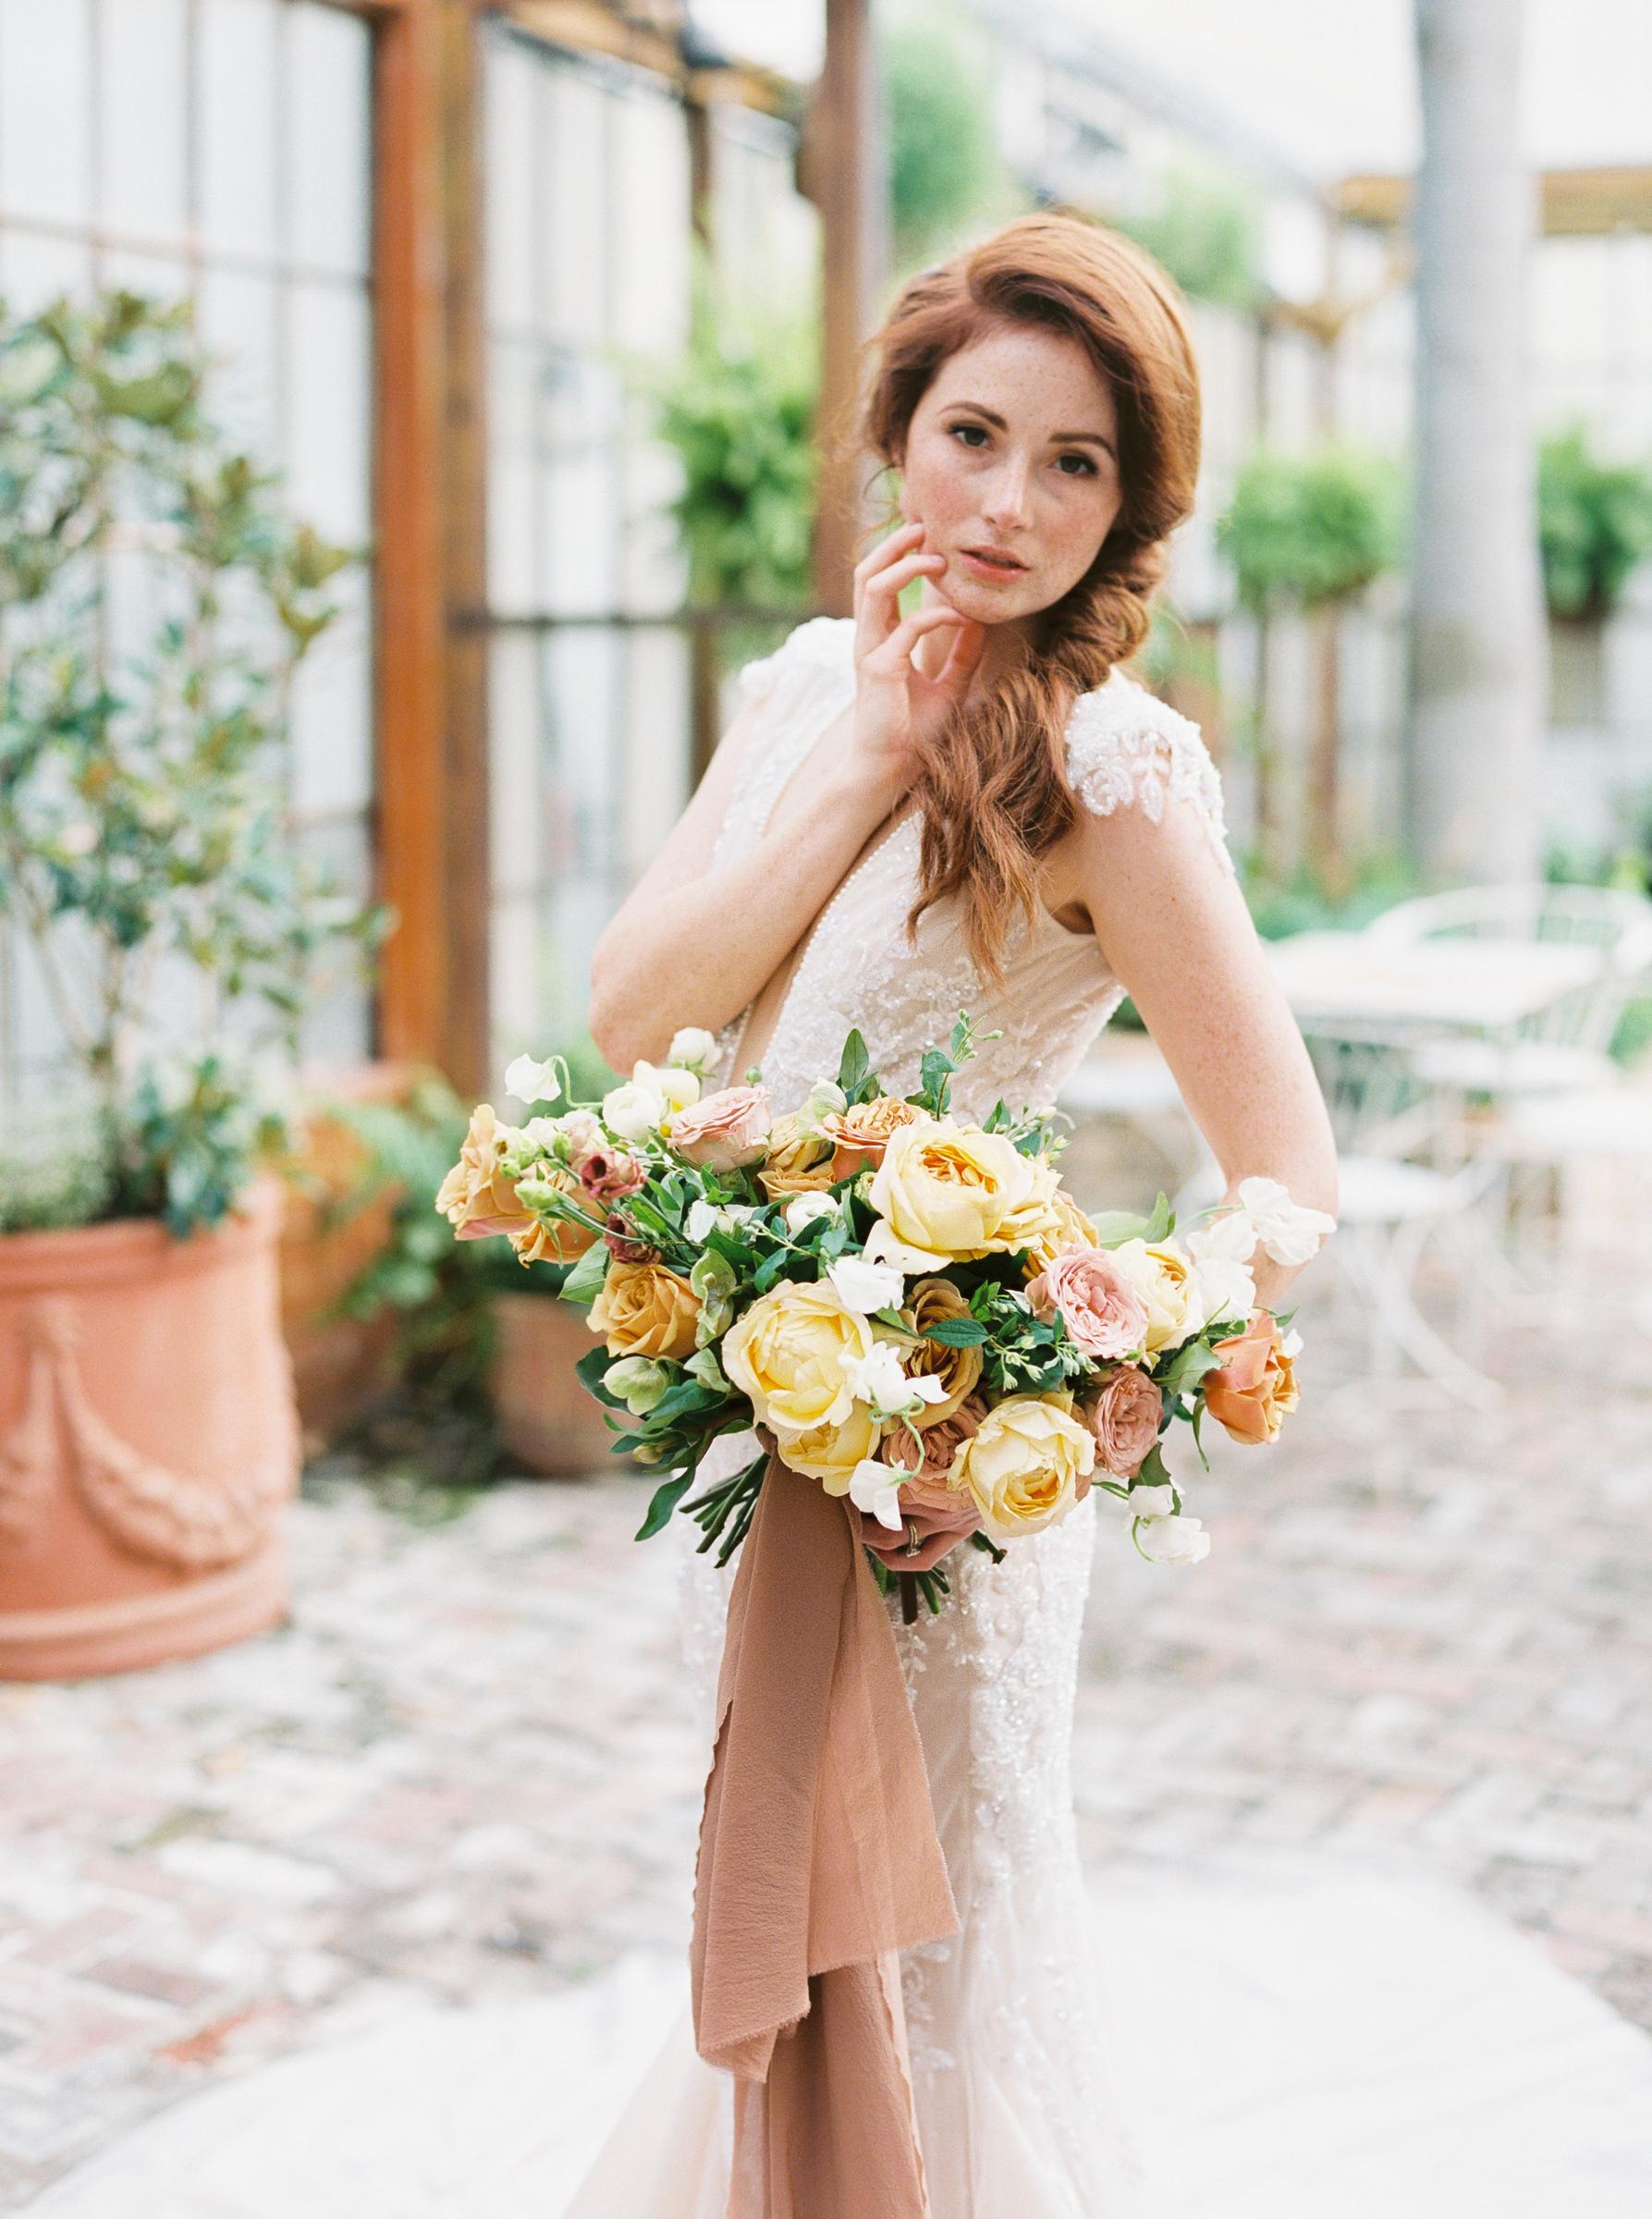 Race-and-religious-wedding-inspiration-shannon-skloss-180.jpg